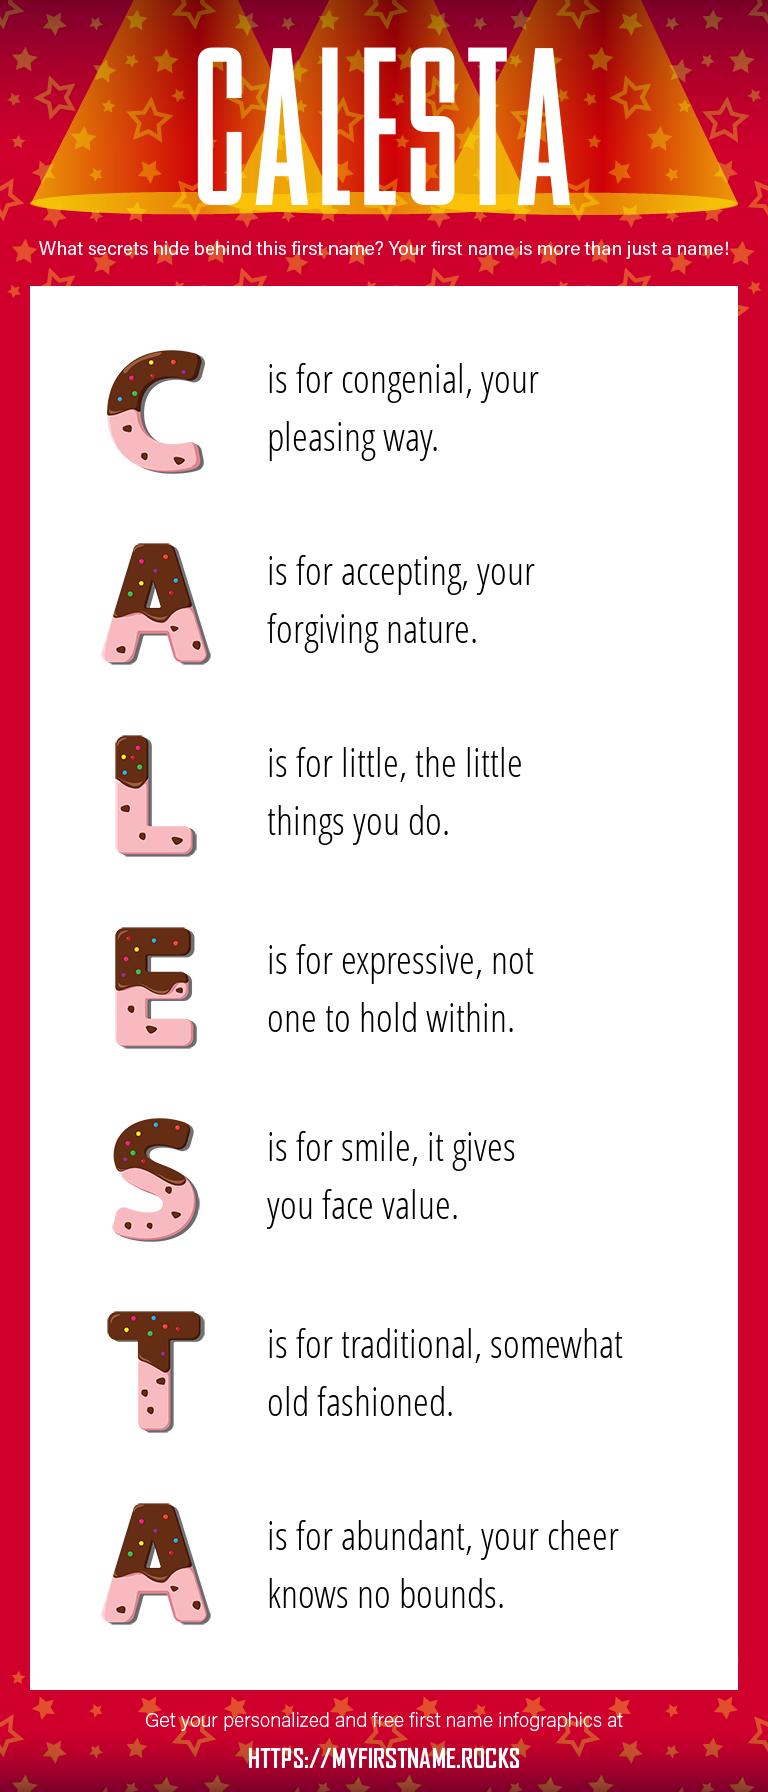 Calesta Infographics